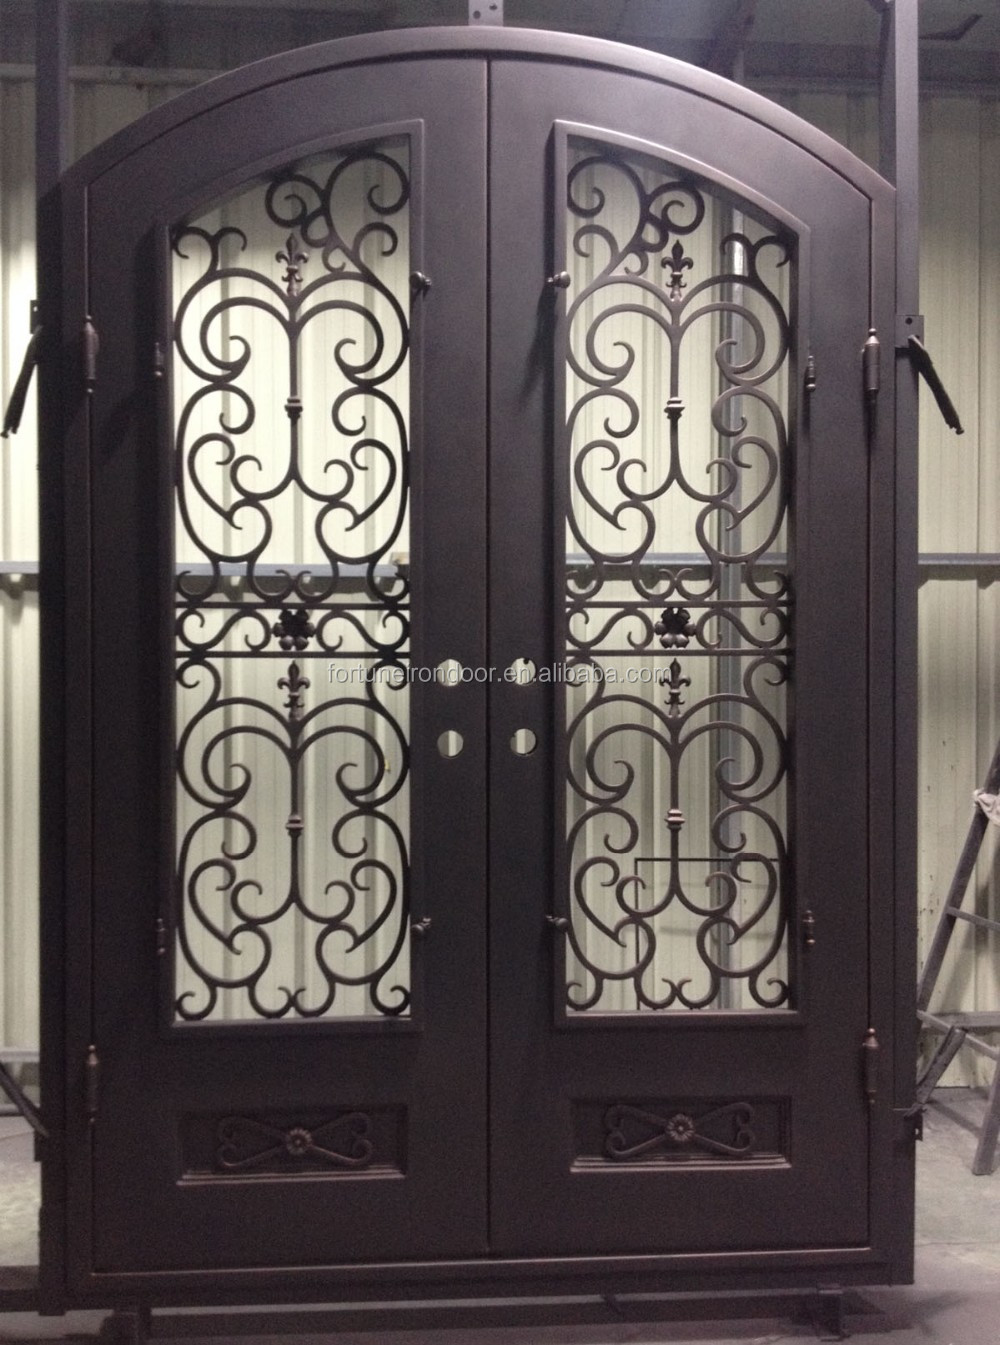 Arco Per Porta 2016 superiore ad arco porta in ferro battuto con mezza windows utilizzato  come porta esterna per la casa deco - buy porta esterna con vetro ad arco,a